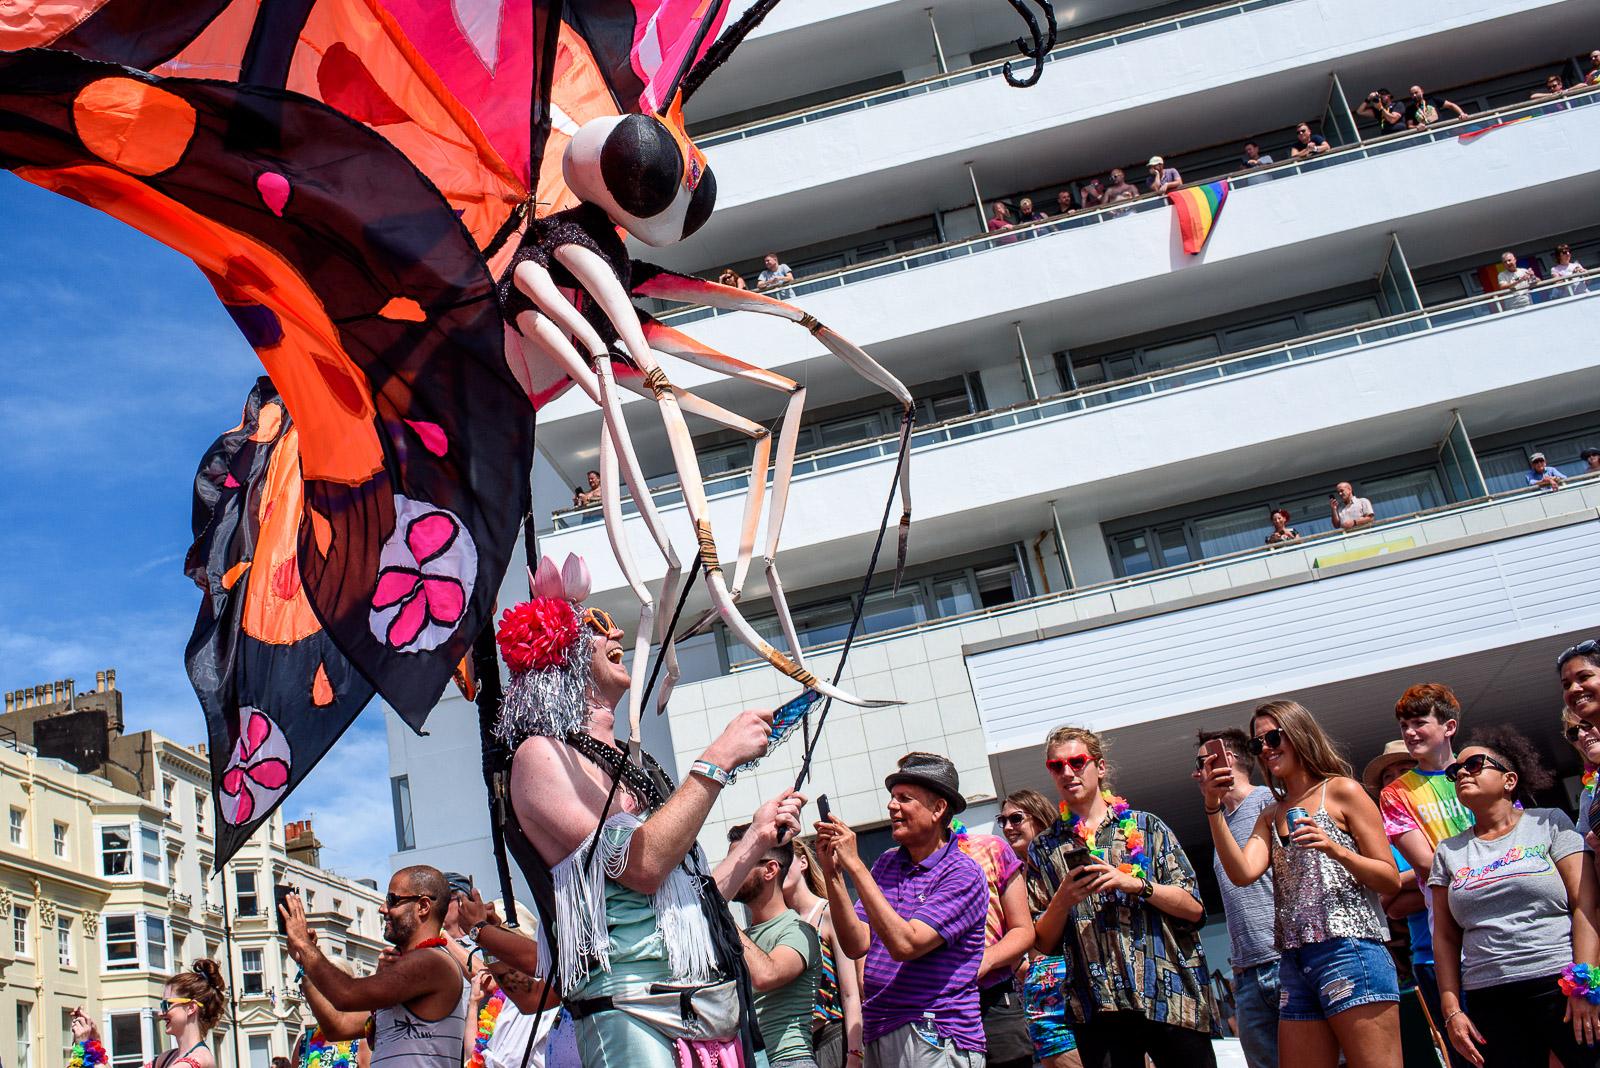 Performer dancing in the Pride Parade